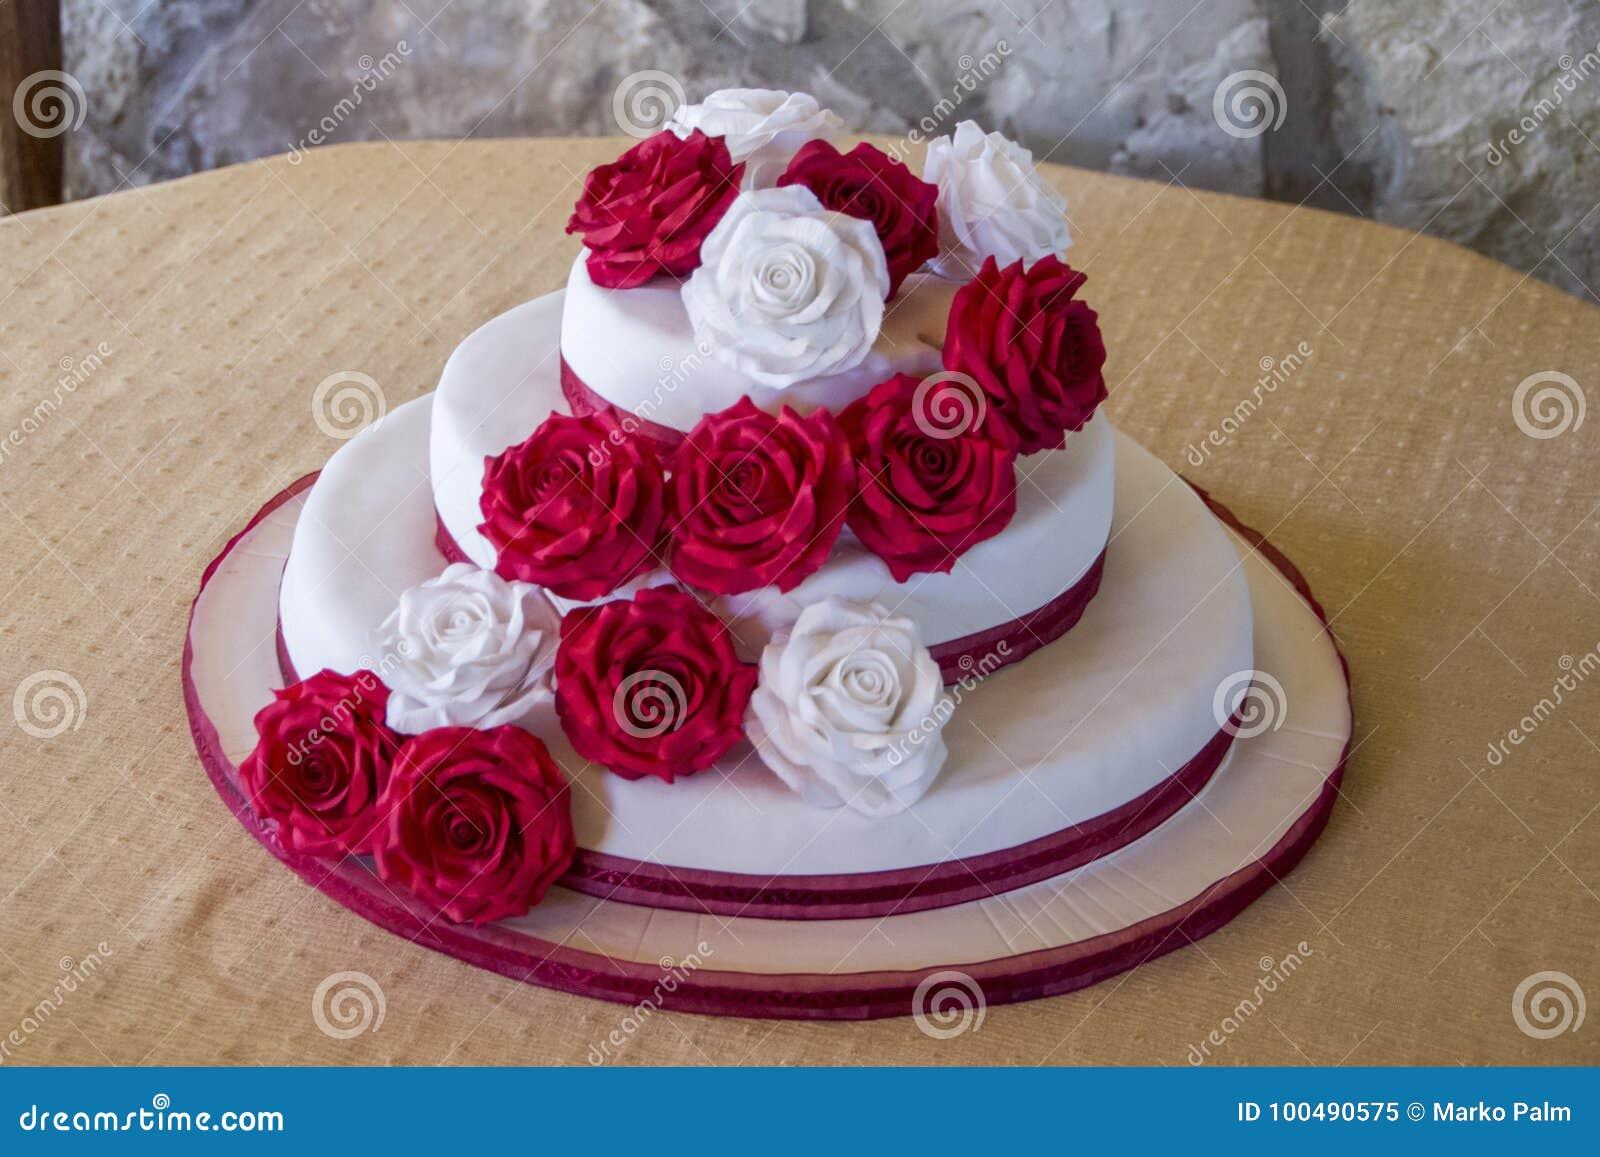 Beautiful Wedding Cake Stock Image Image Of Roses Beautiful